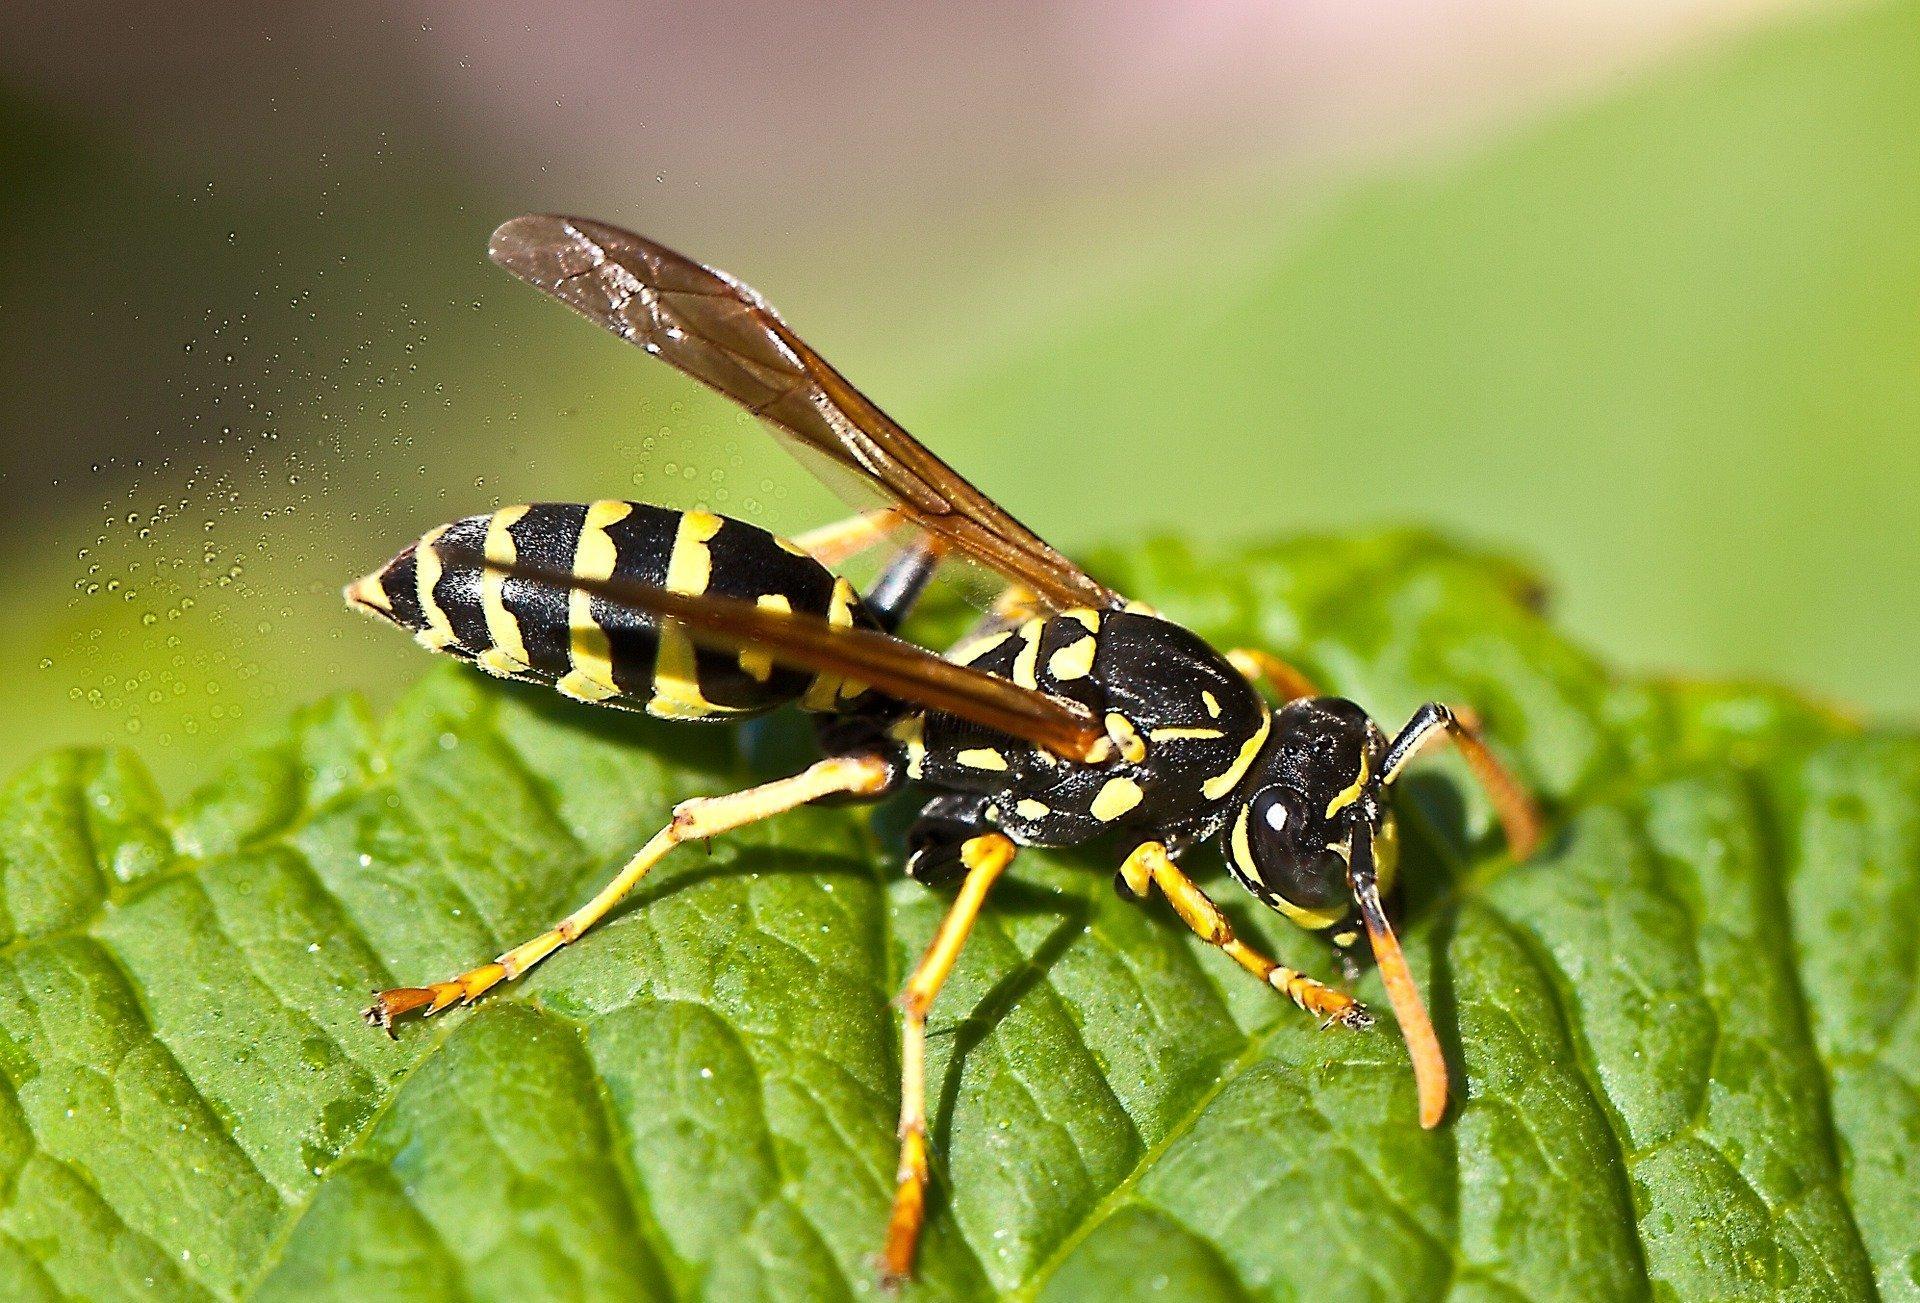 картинки осы и все о ней собрали